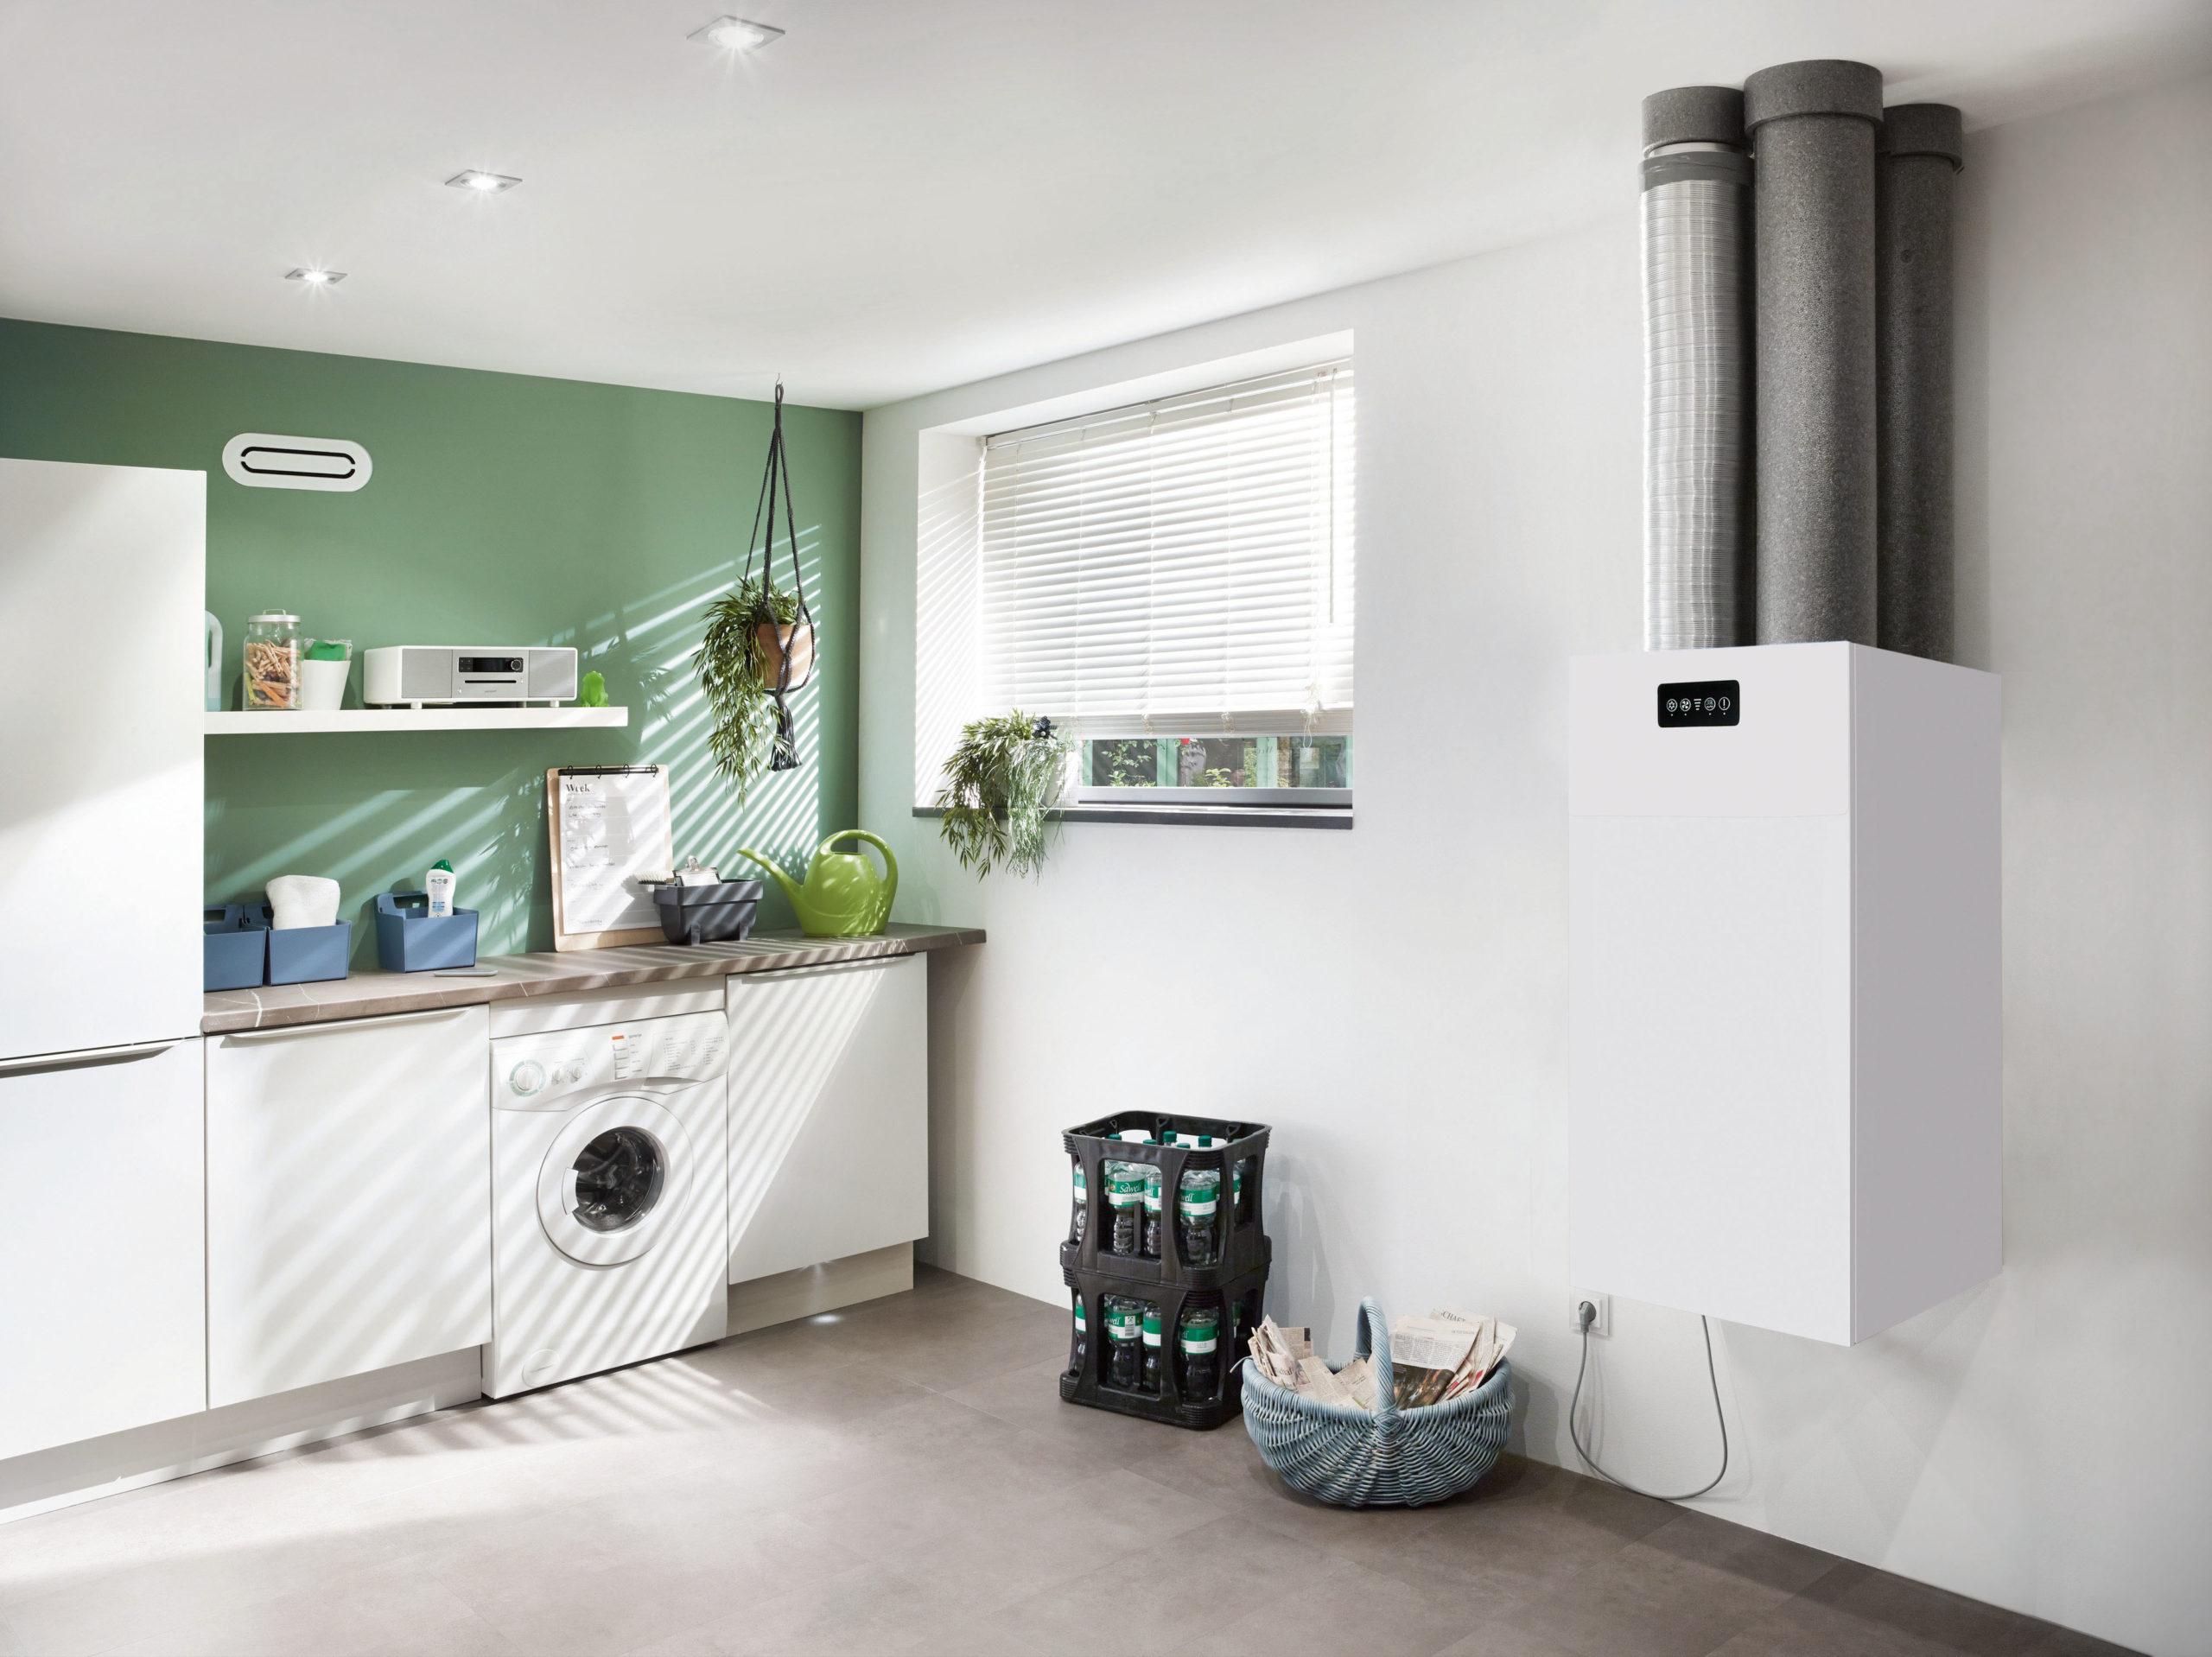 Wohnraumlüftung in der Küche